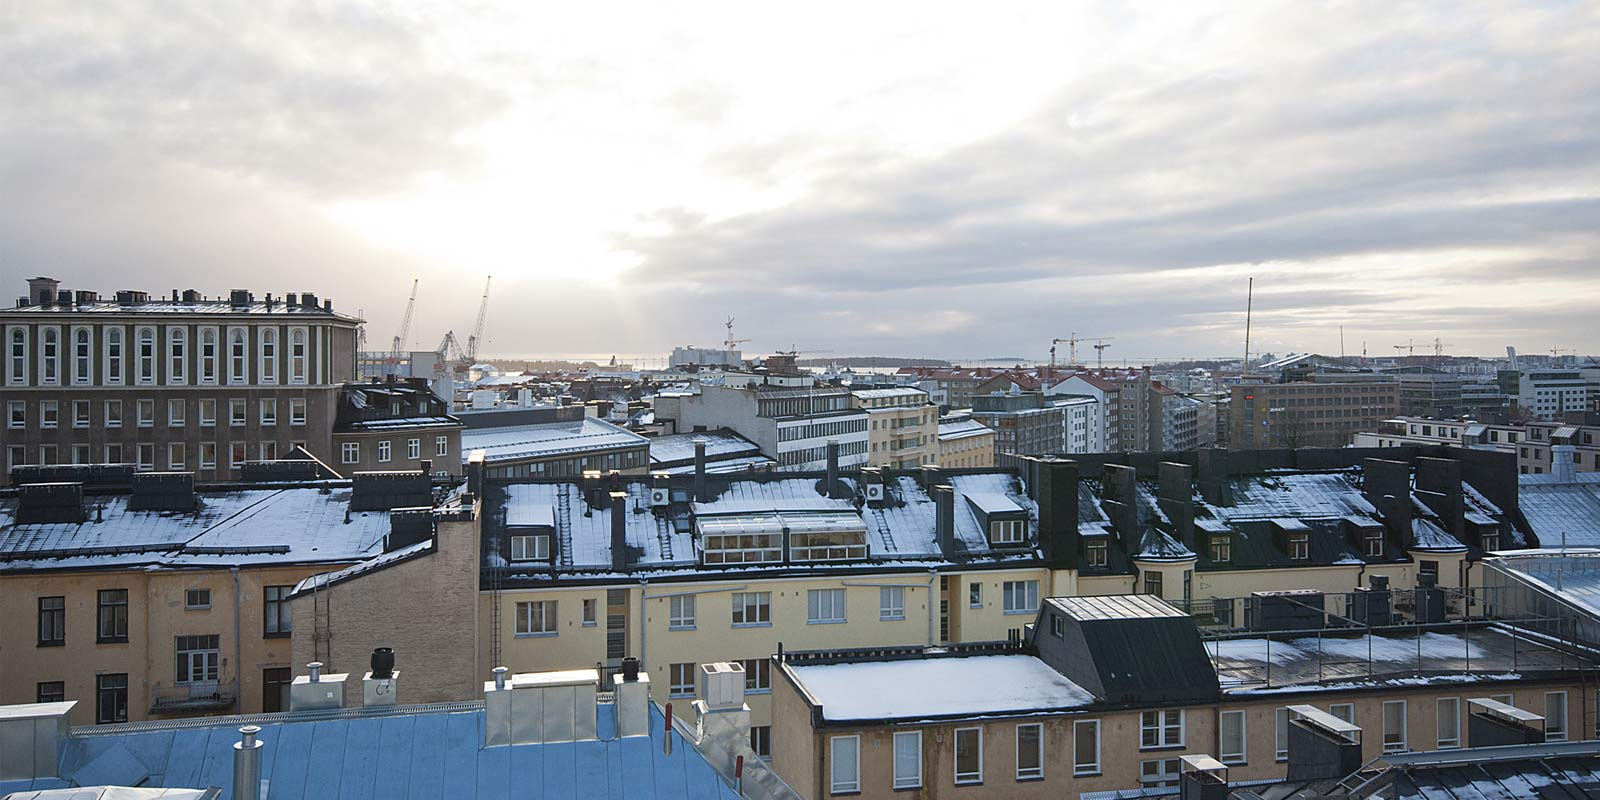 Westpro Jaffa Malminkatu 20, Helsinki